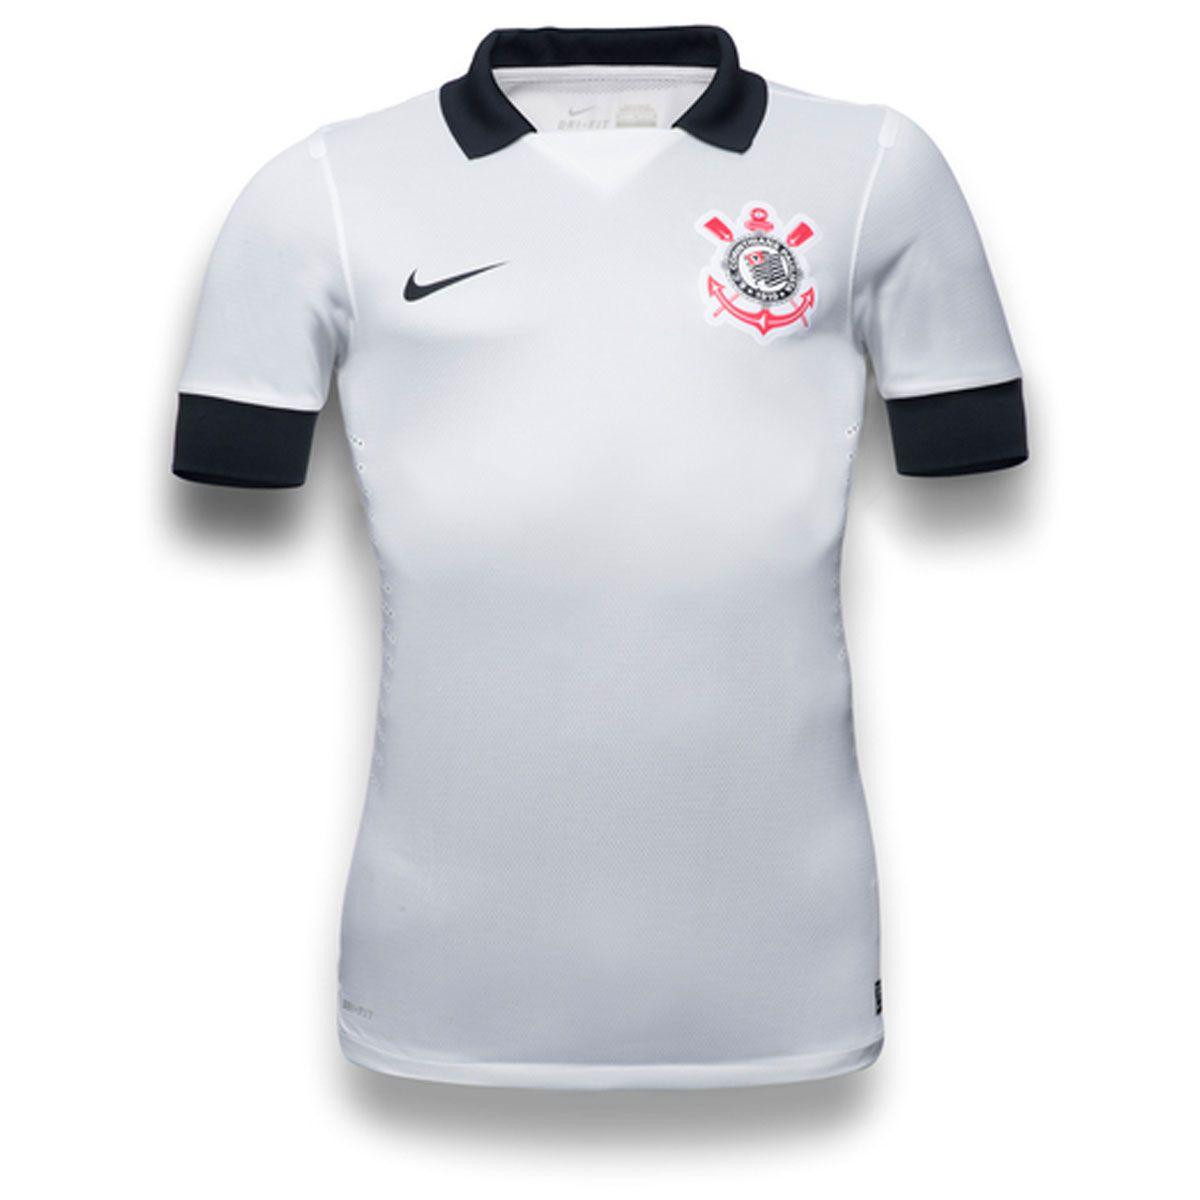 Camisa Nike Corinthians I 2013 s nº  526eb1e03b07b